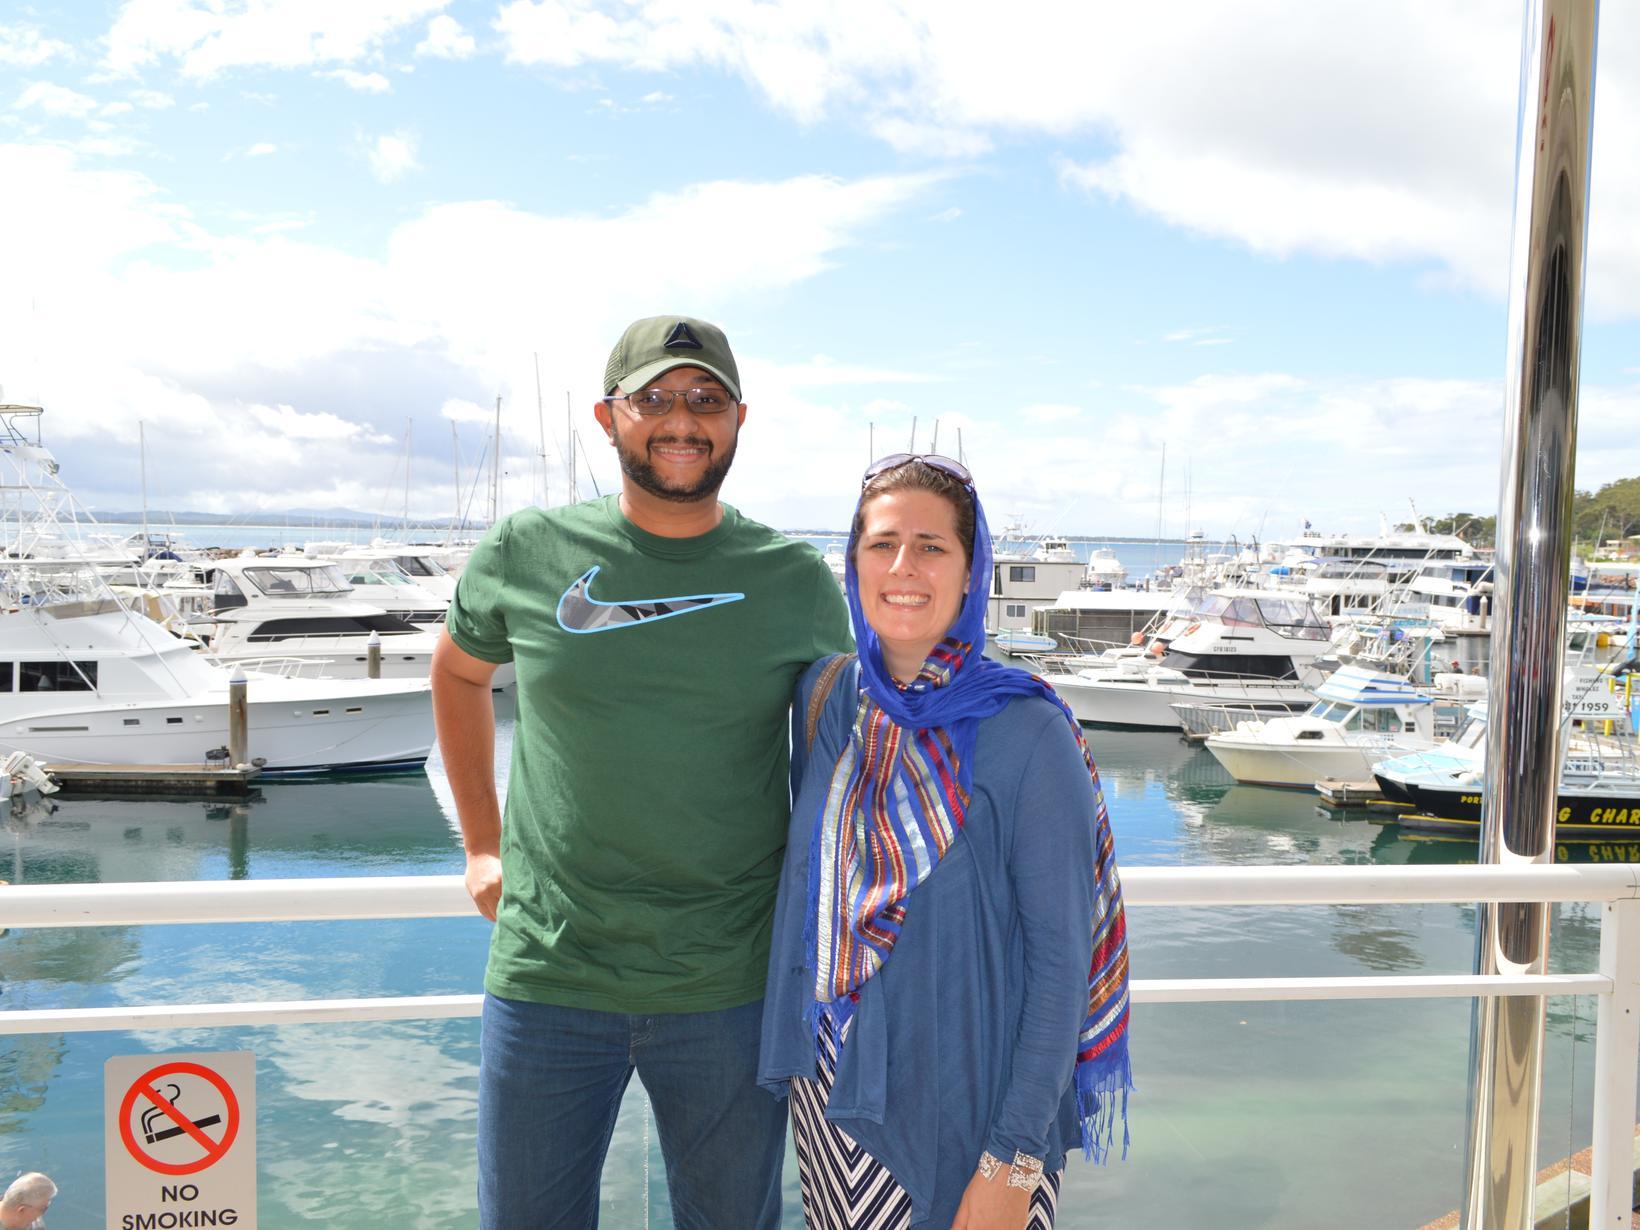 Aishah & Tabish from Templestowe, Victoria, Australia